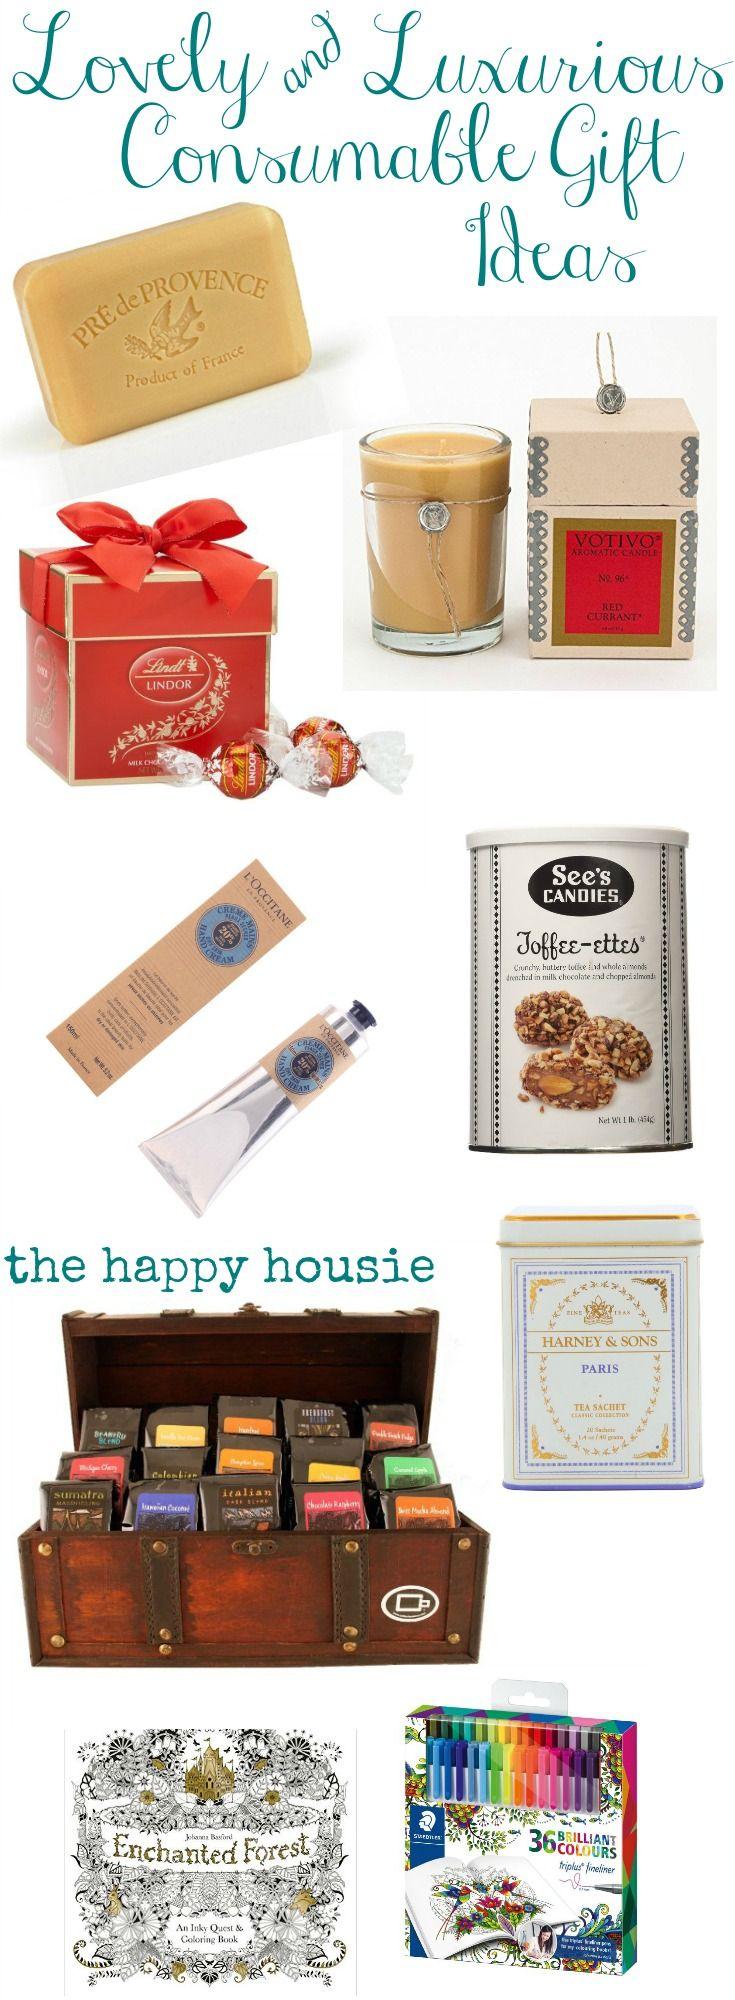 Lovely & Luxurious Consumable Gift Ideas   Christmas Ideas & Decor ...